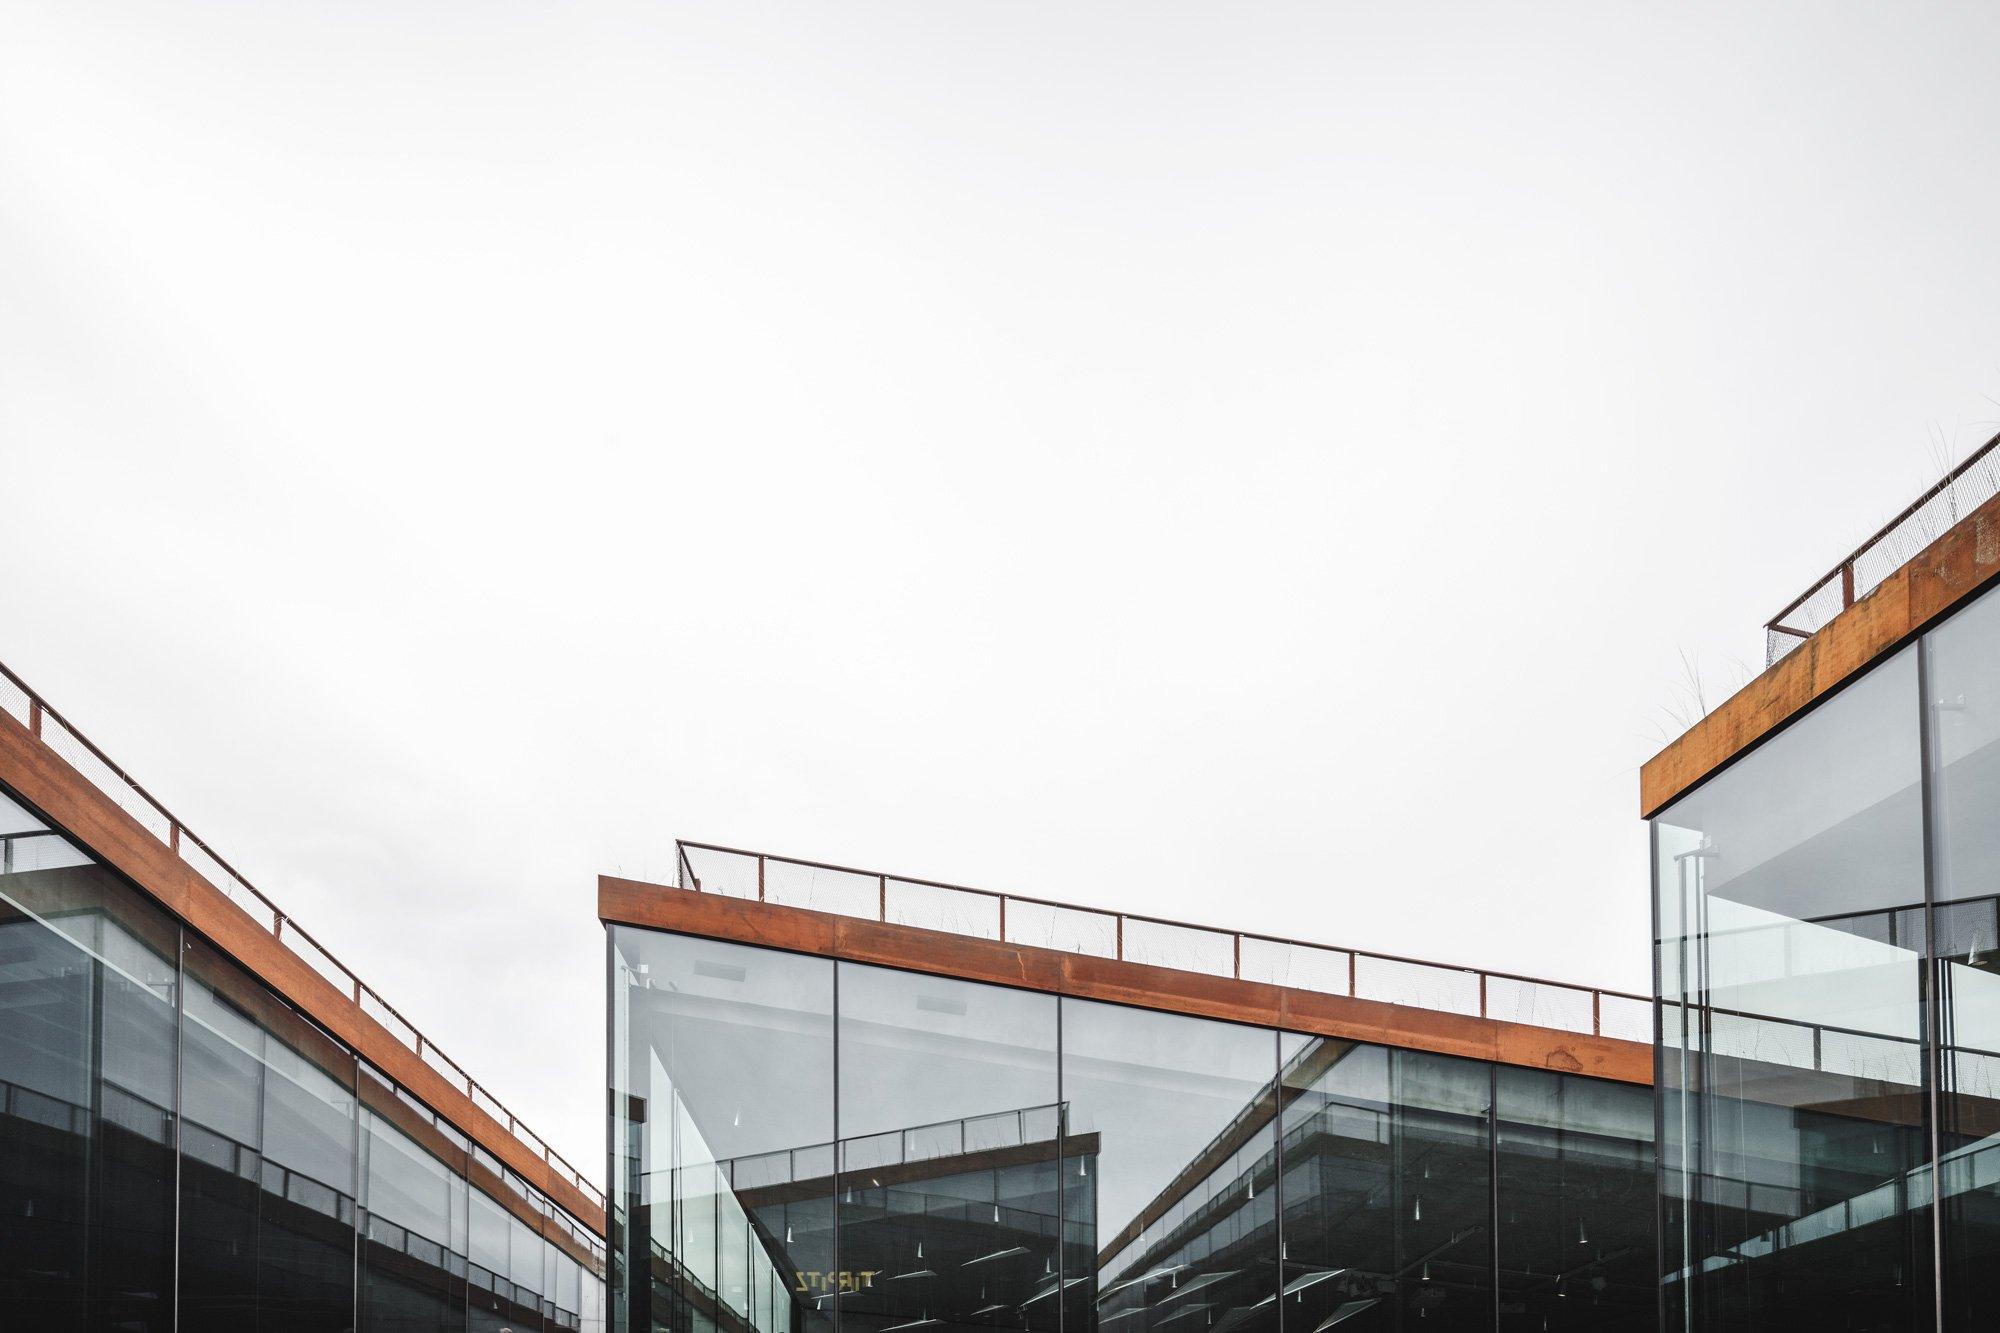 BIG - Bjarke Ingels Group |